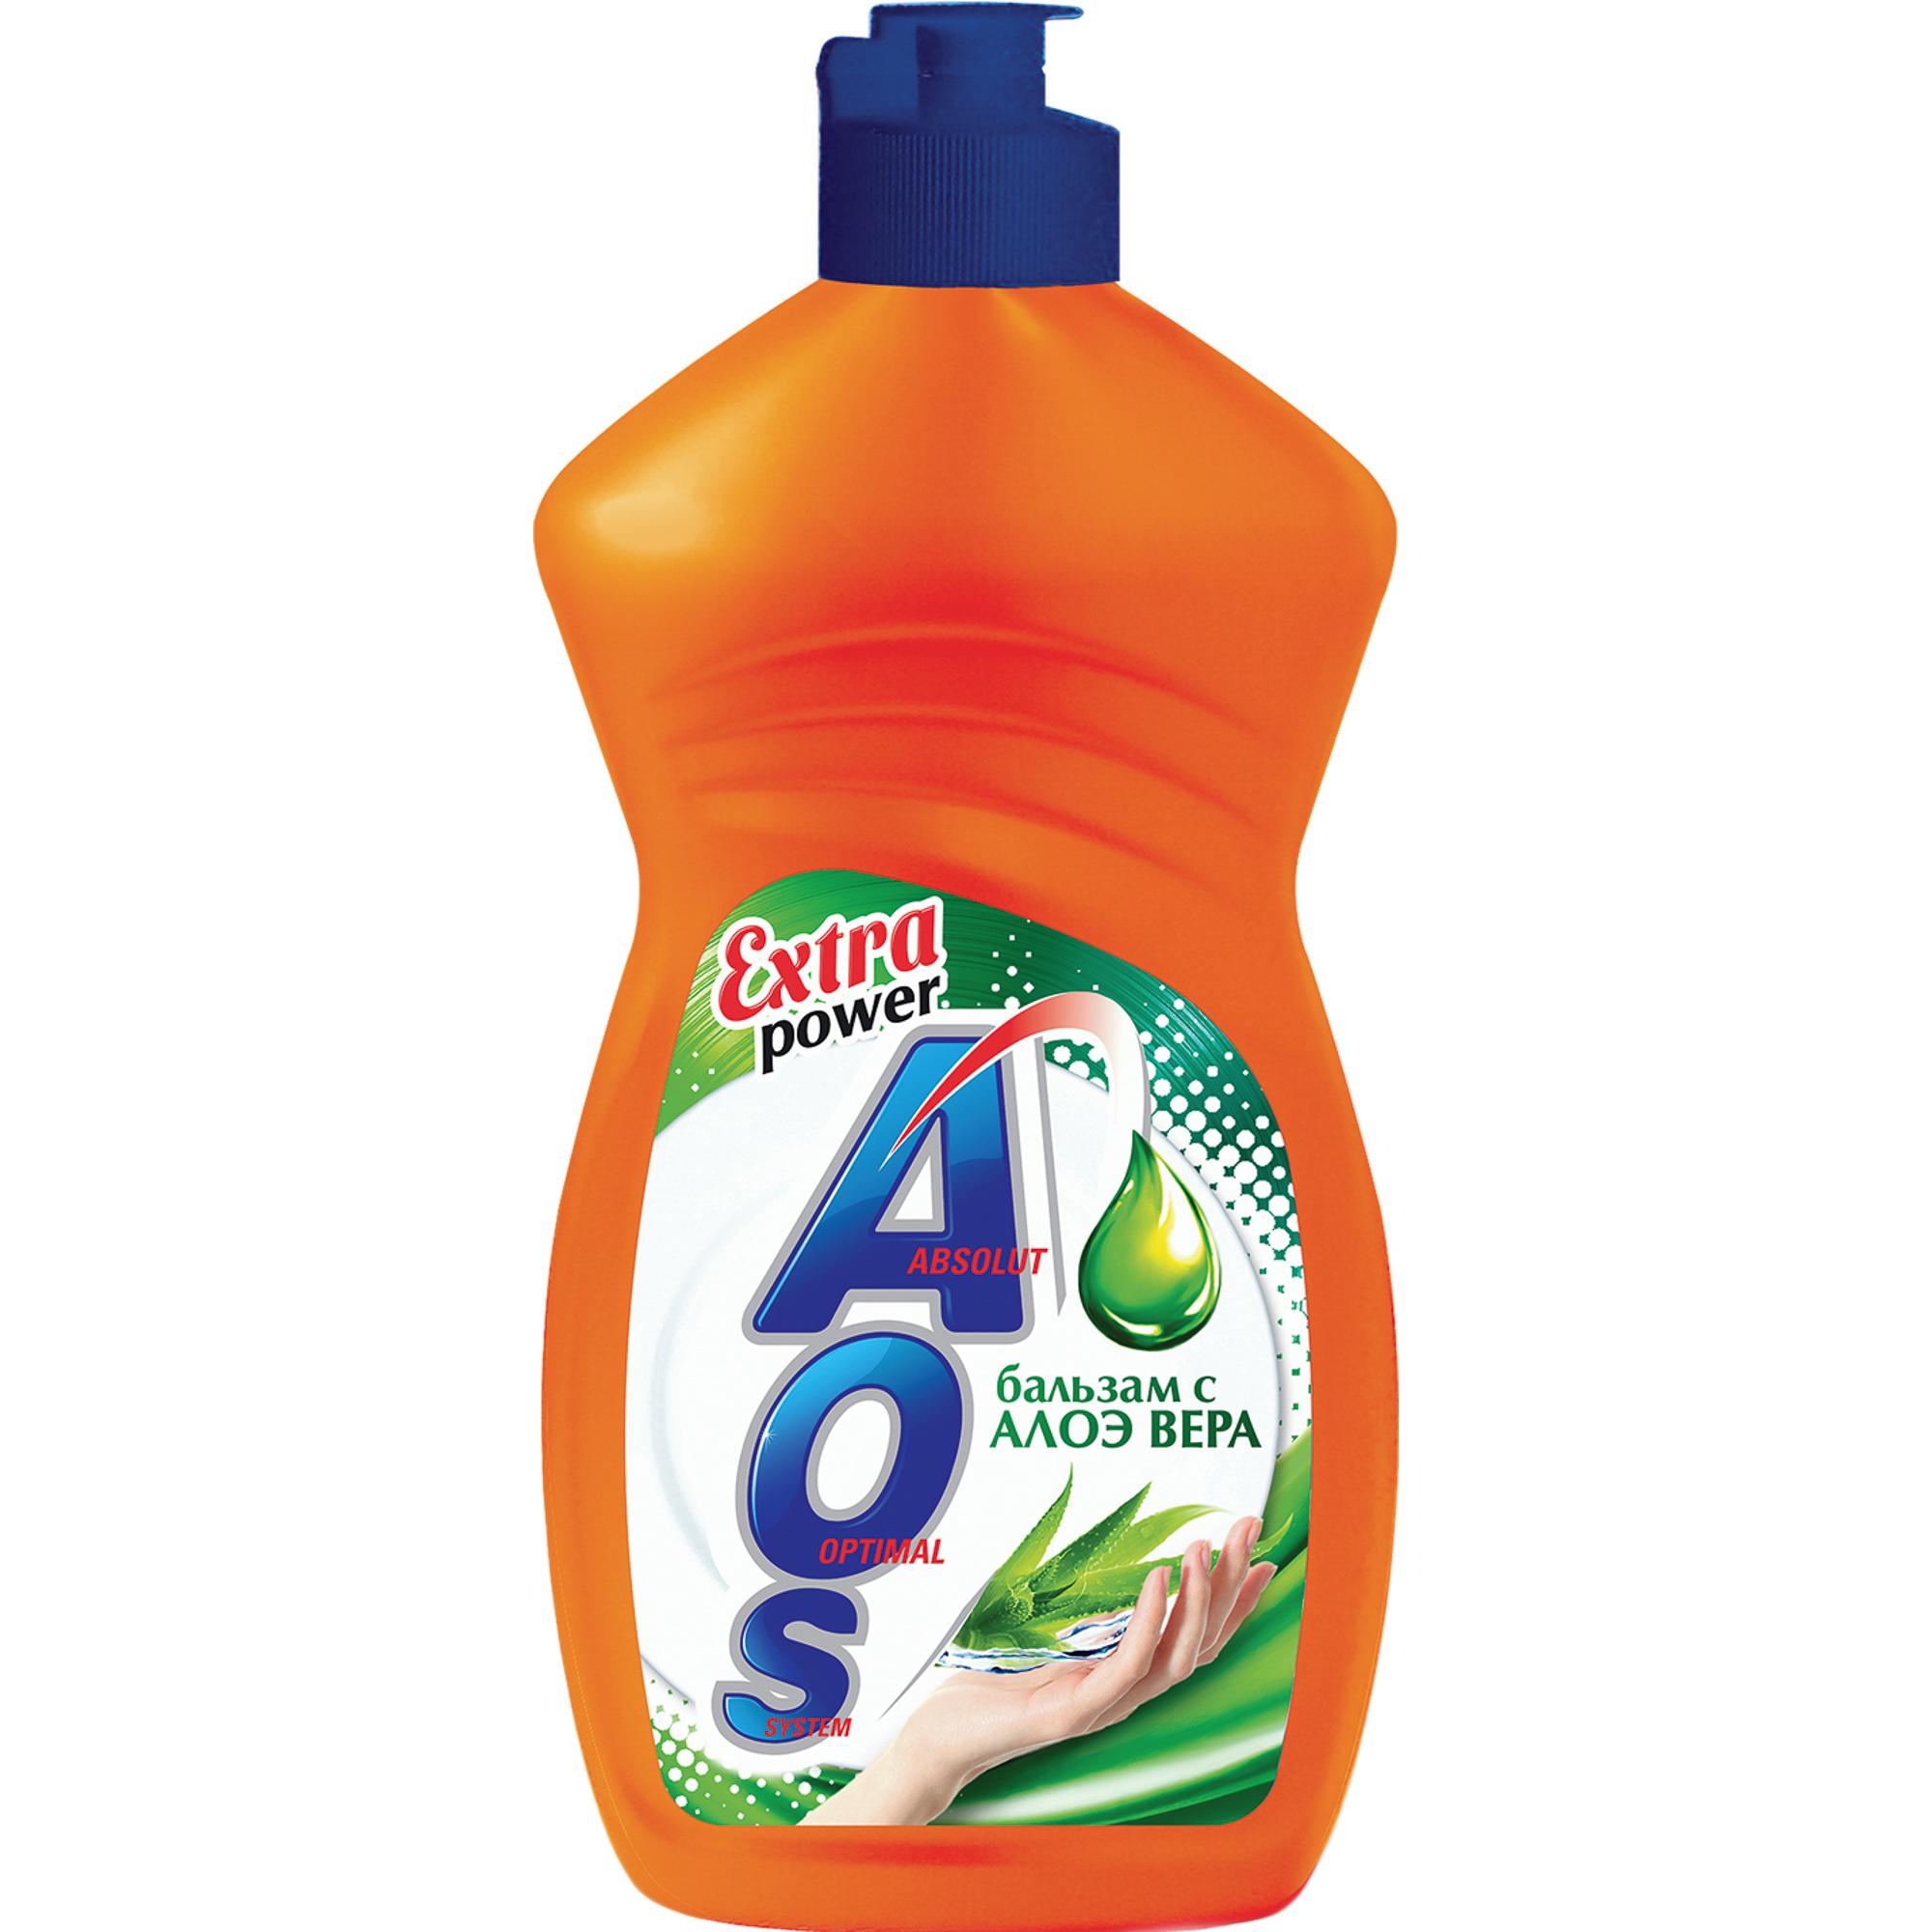 Средство для мытья посуды AOS 2в1 Бальзам Алоэ Вера 450 мл средство для мытья посуды миф бальзам алоэ вера 500 мл